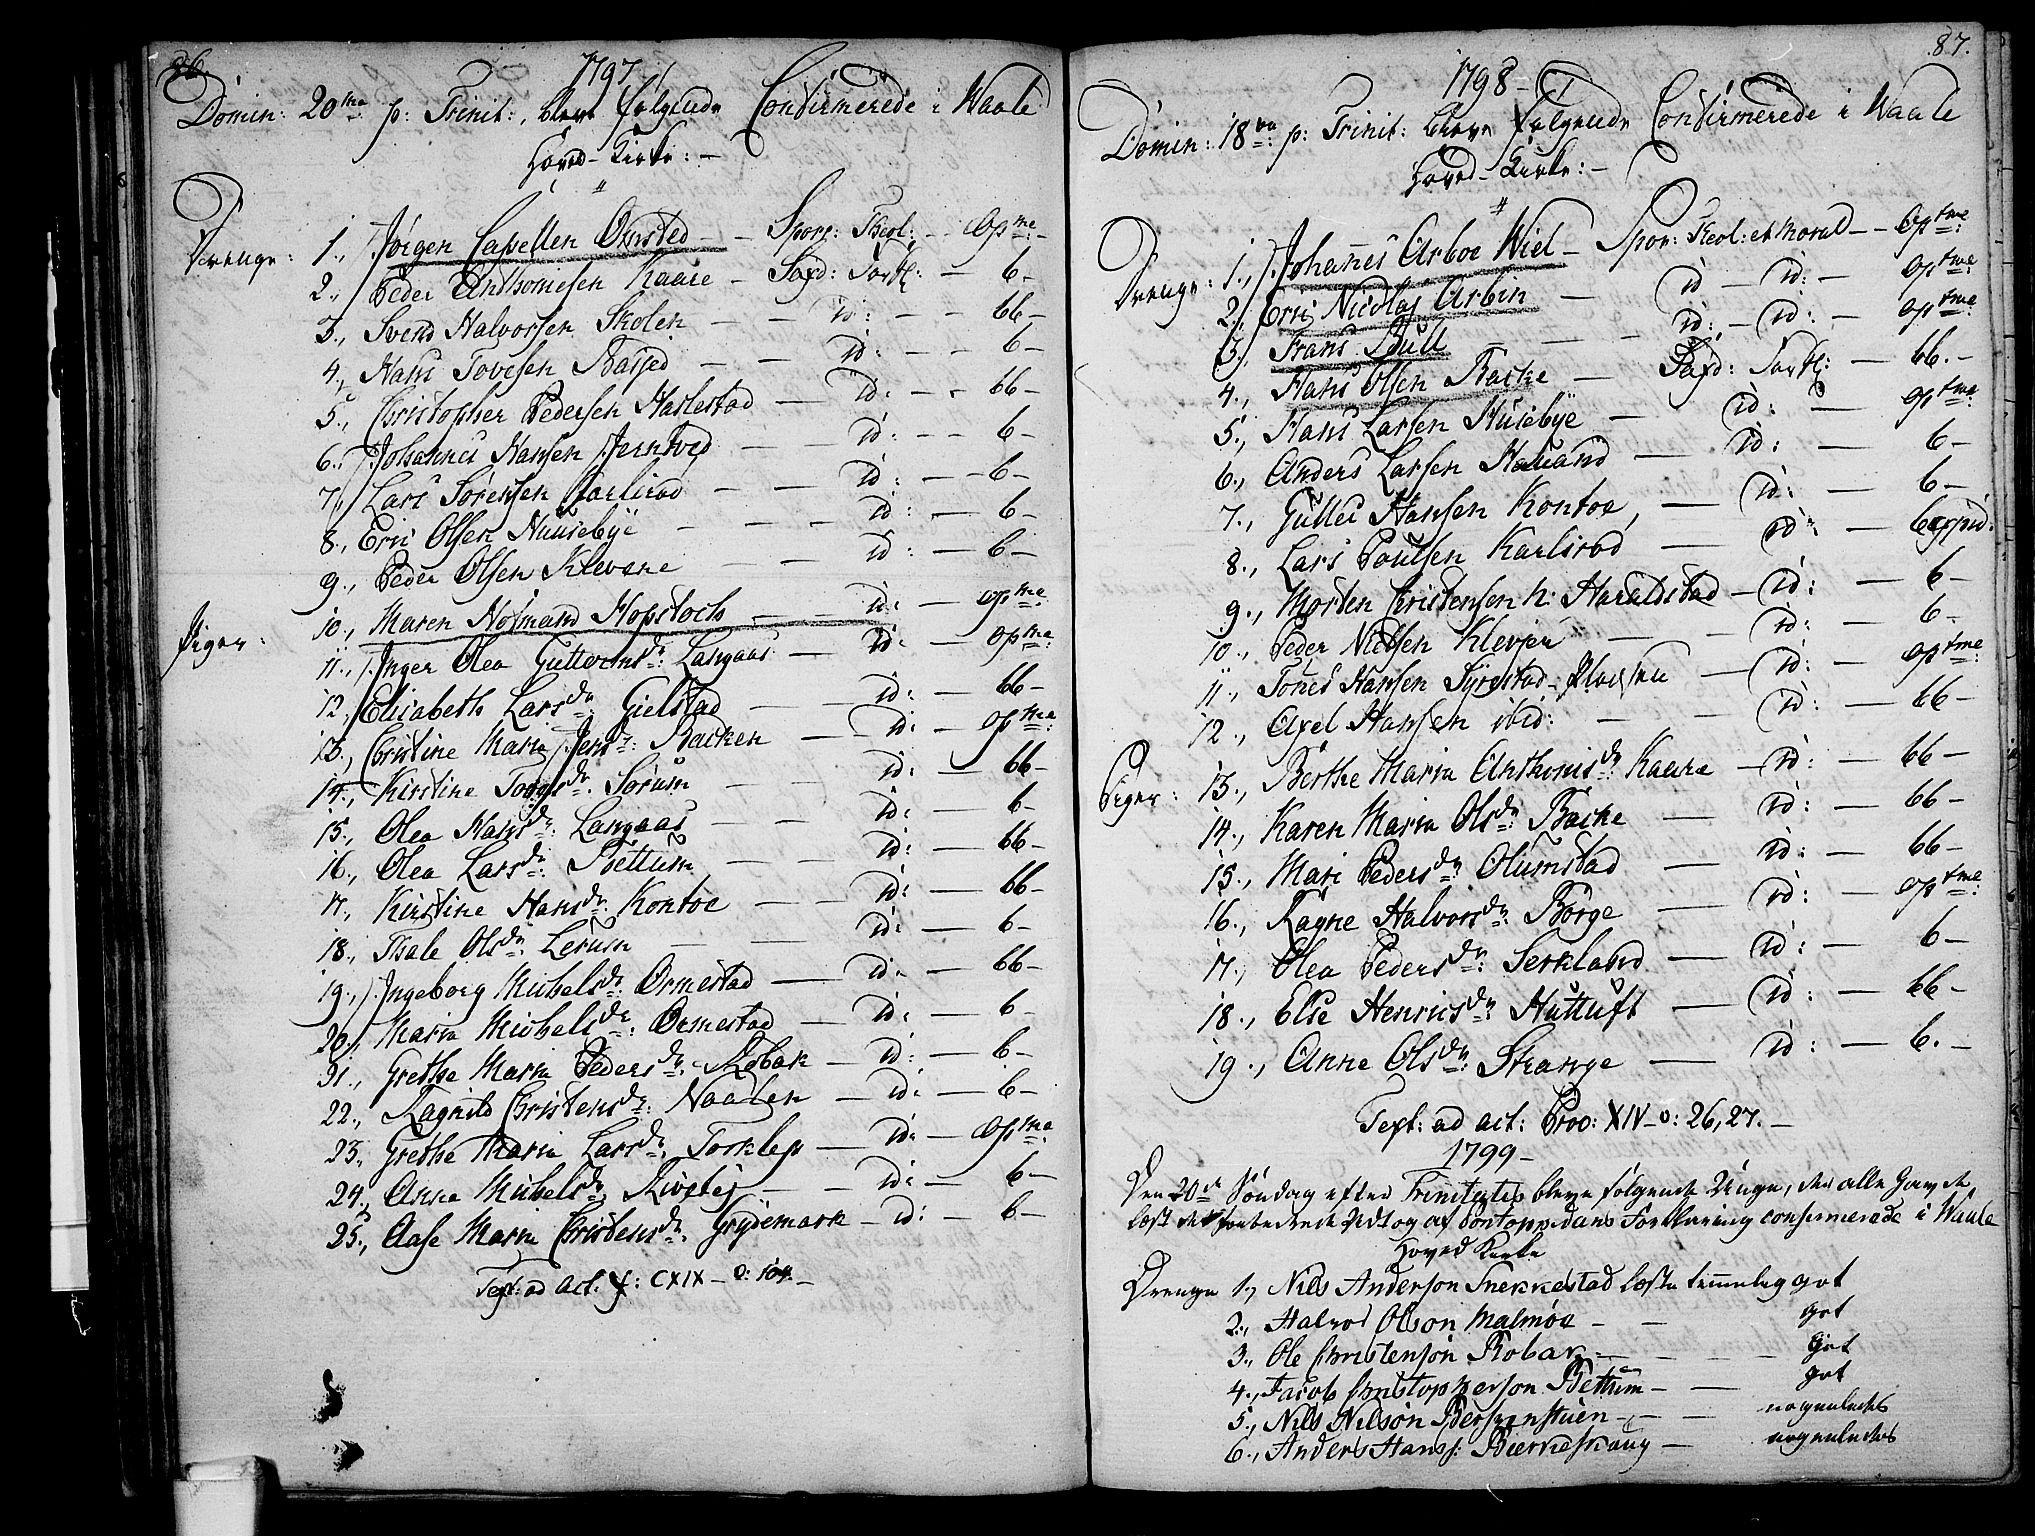 SAKO, Våle kirkebøker, F/Fa/L0005: Ministerialbok nr. I 5, 1773-1808, s. 86-87